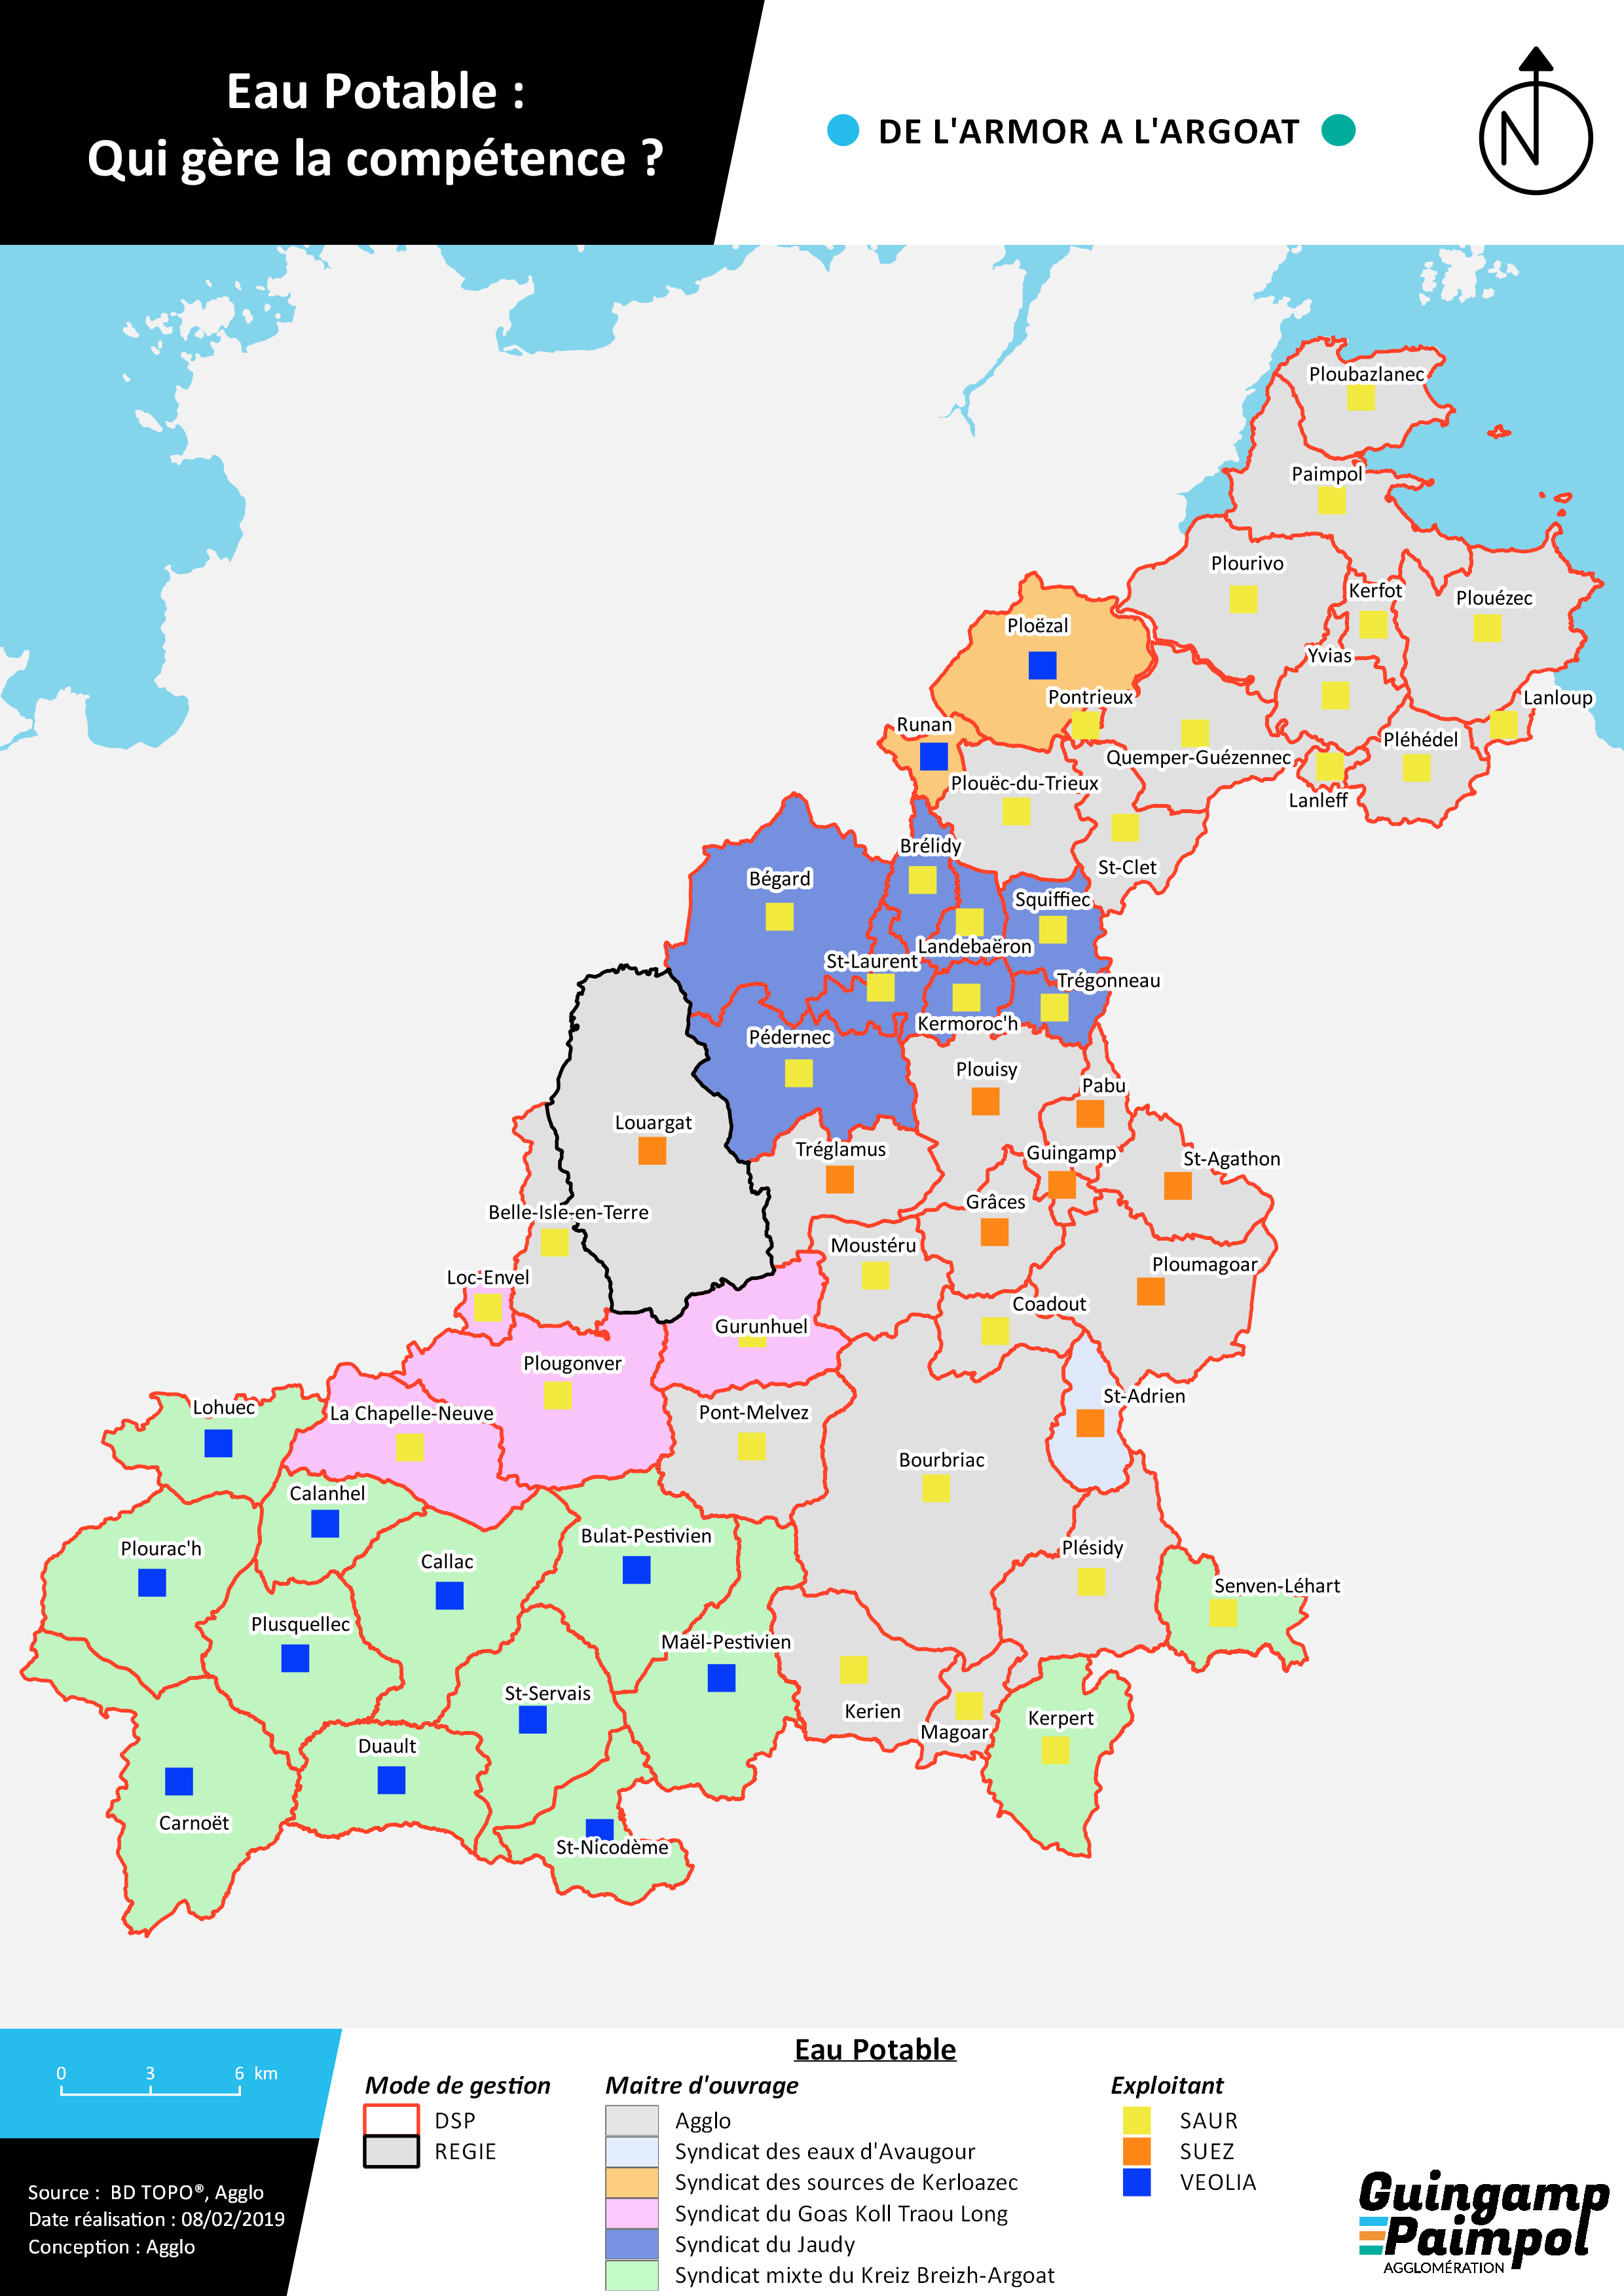 Carte cartographie AEP Eau Potable qui gère la compétence Agglo, syndicats, SAUR SUEZ VEOLIA